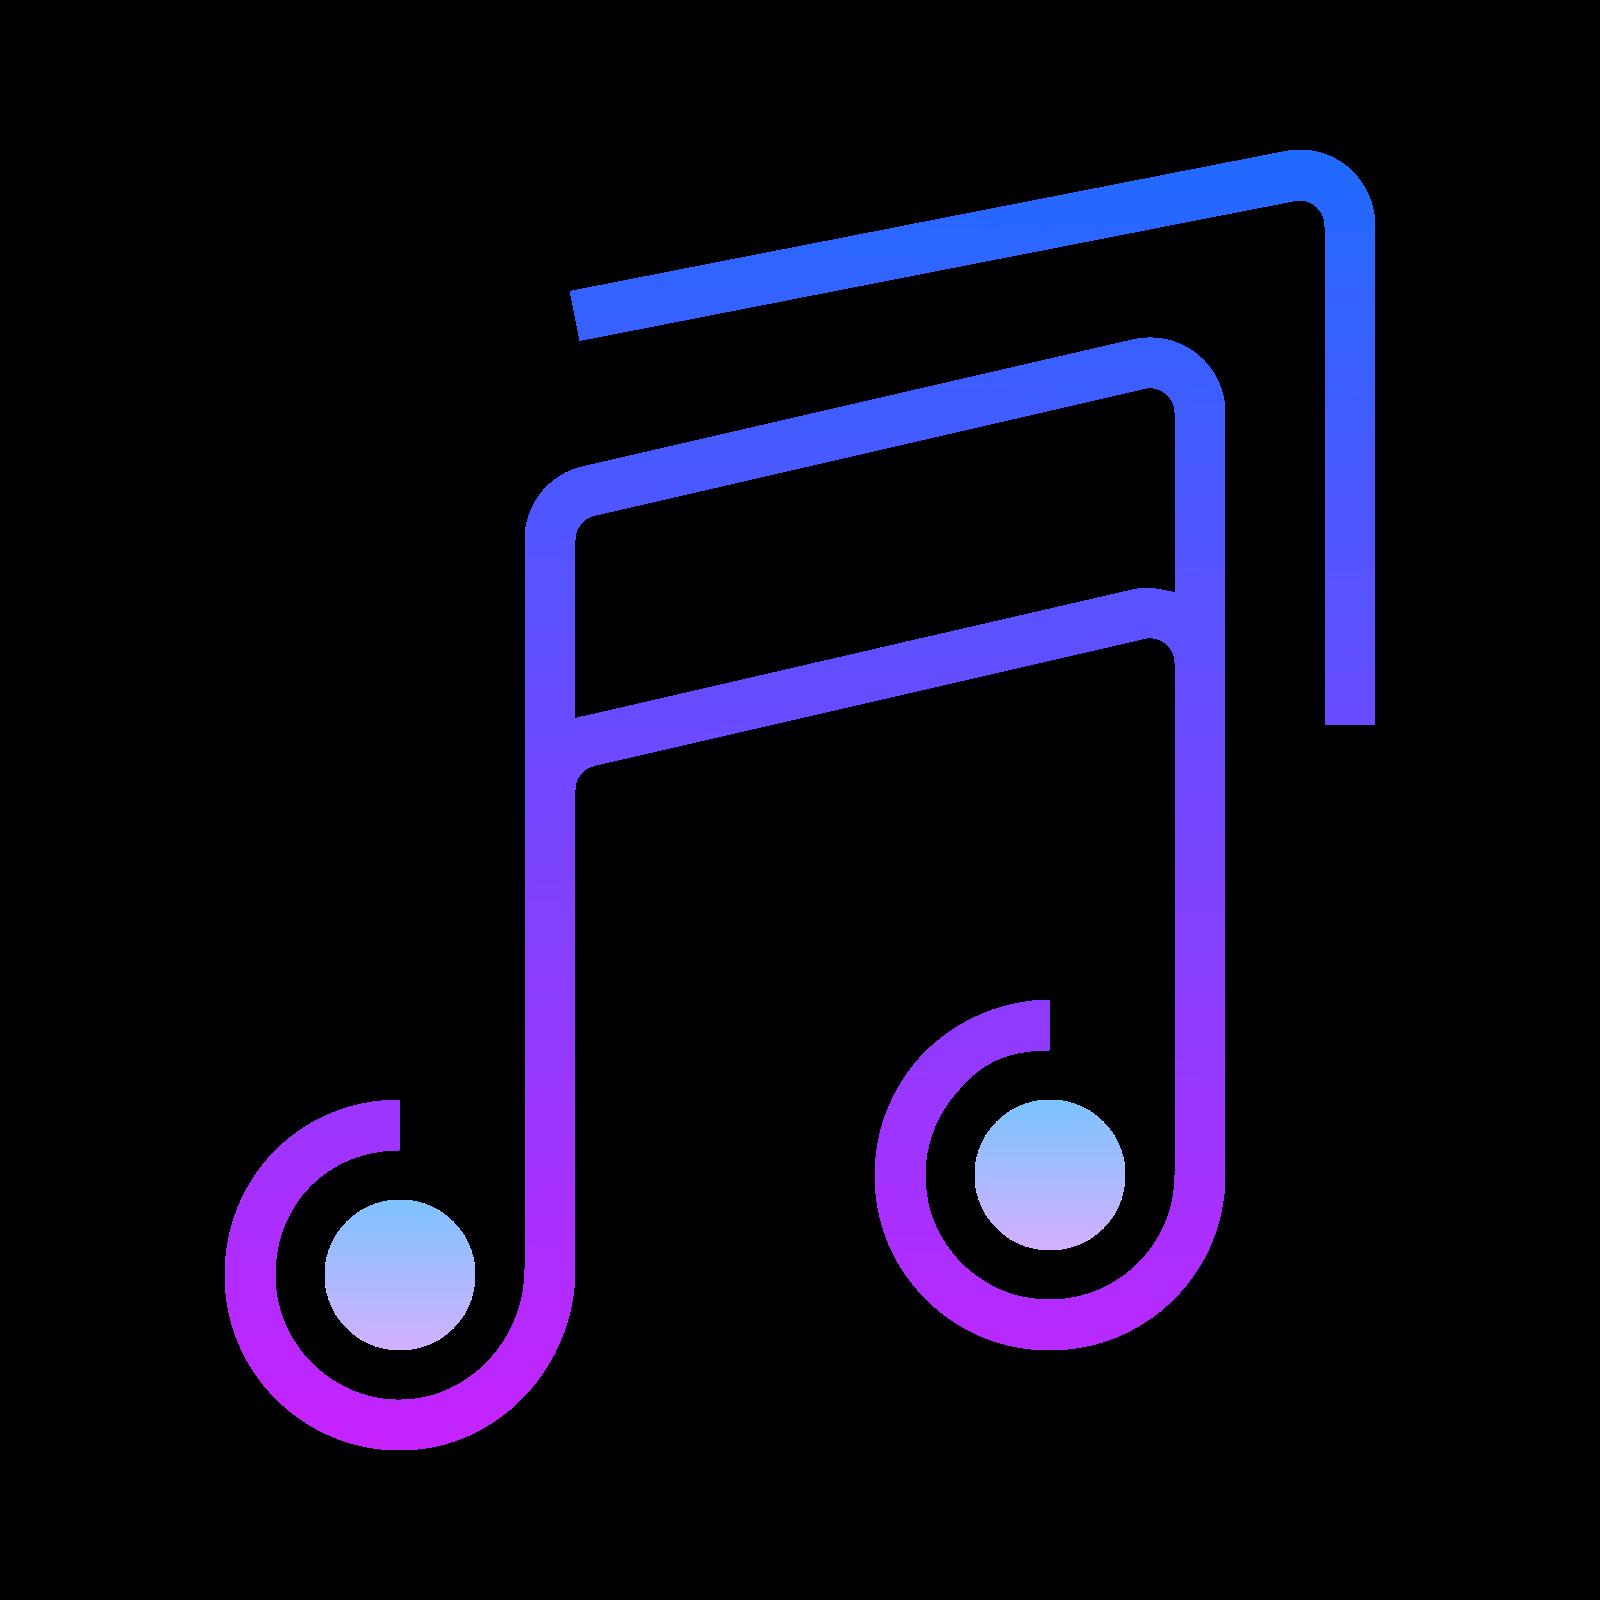 音符 icon. This is a drawing of a musical note. There are two notes on the drawing and the one on the left is slightly lower than the one on the right side.